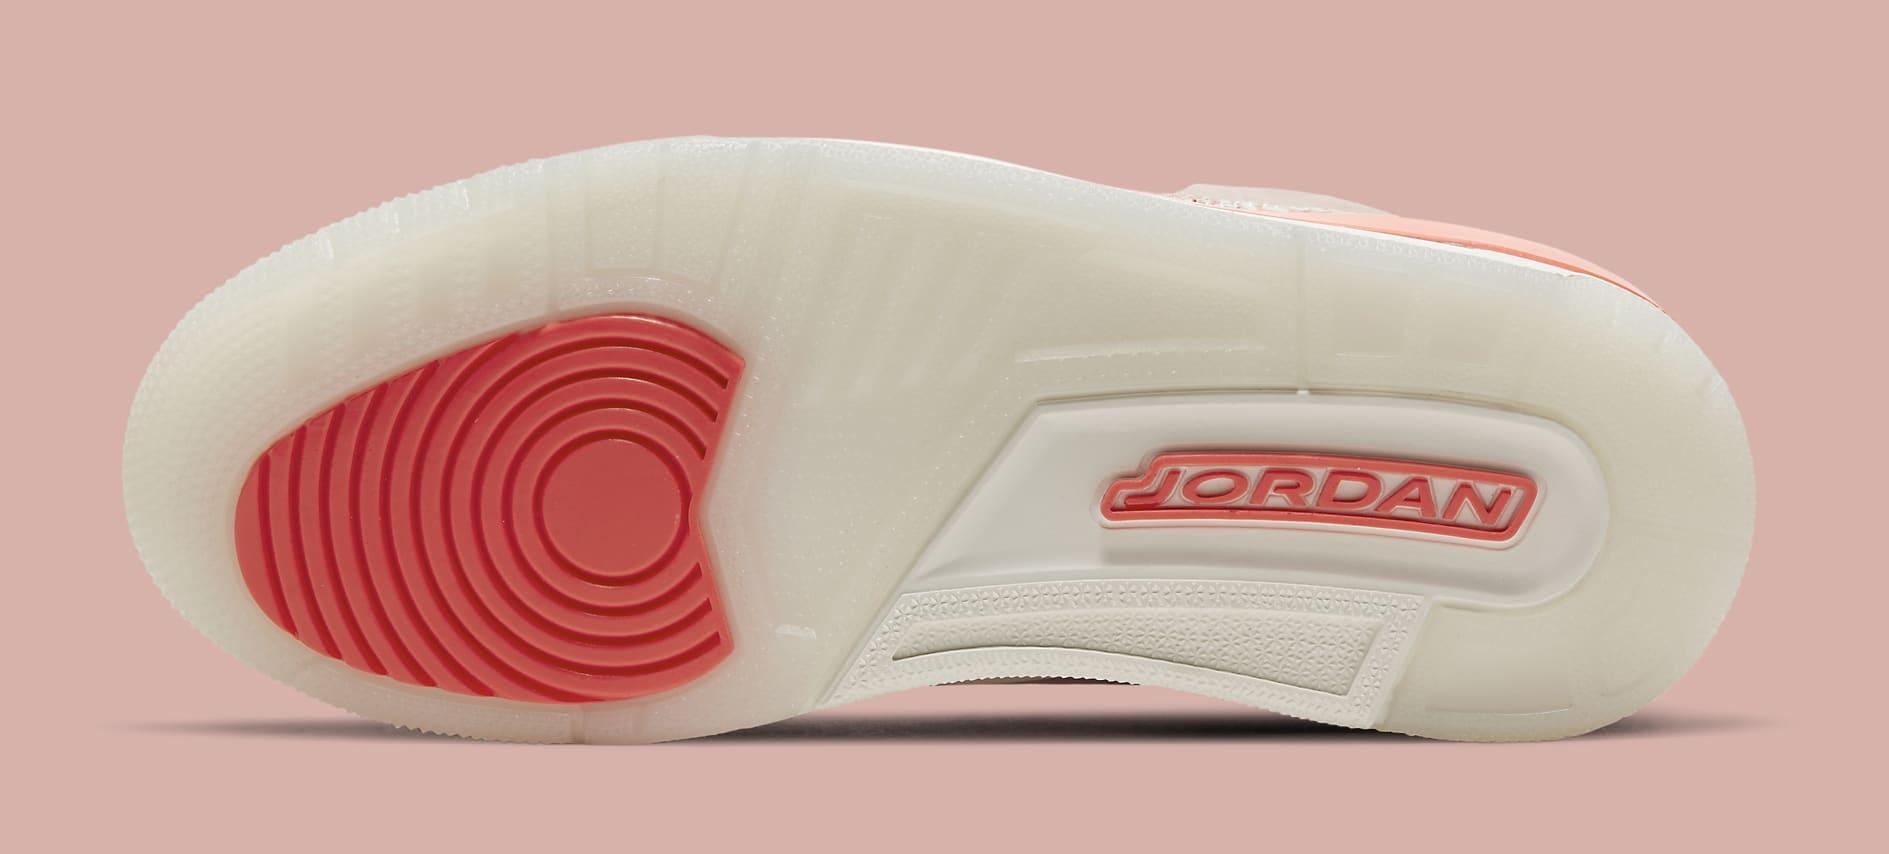 Air Jordan 3 Retro Women's 'Rust Pink' CK9246-600 Outsole